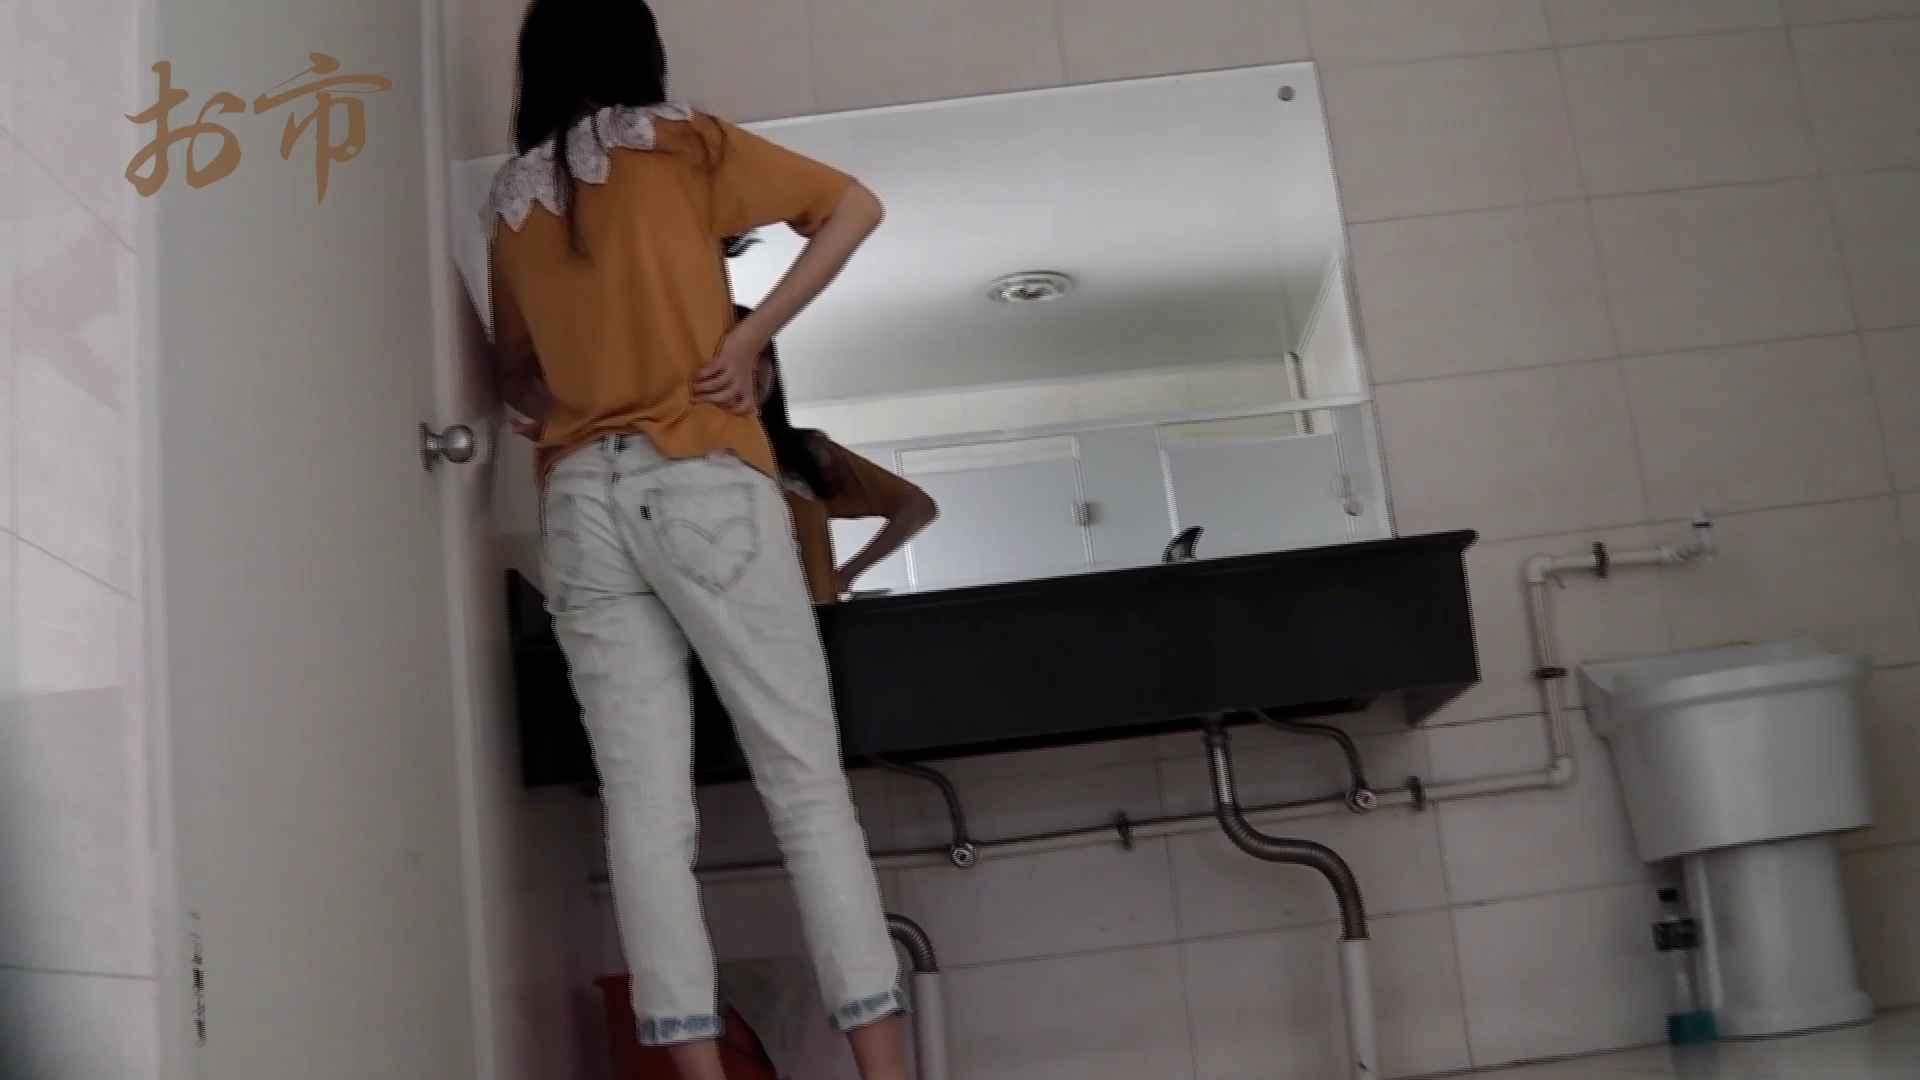 潜入!!台湾名門女学院 Vol.12 長身モデル驚き見たことないシチュエーション ガールの盗撮 オメコ動画キャプチャ 31枚